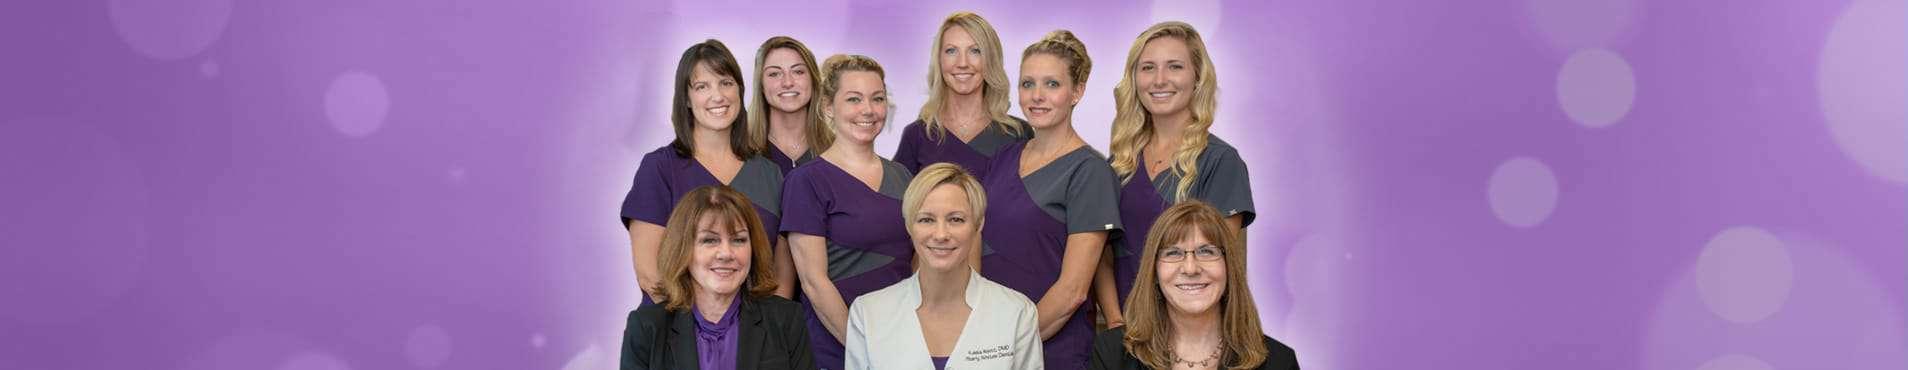 Dental Crowns Dentist Serving Levittown